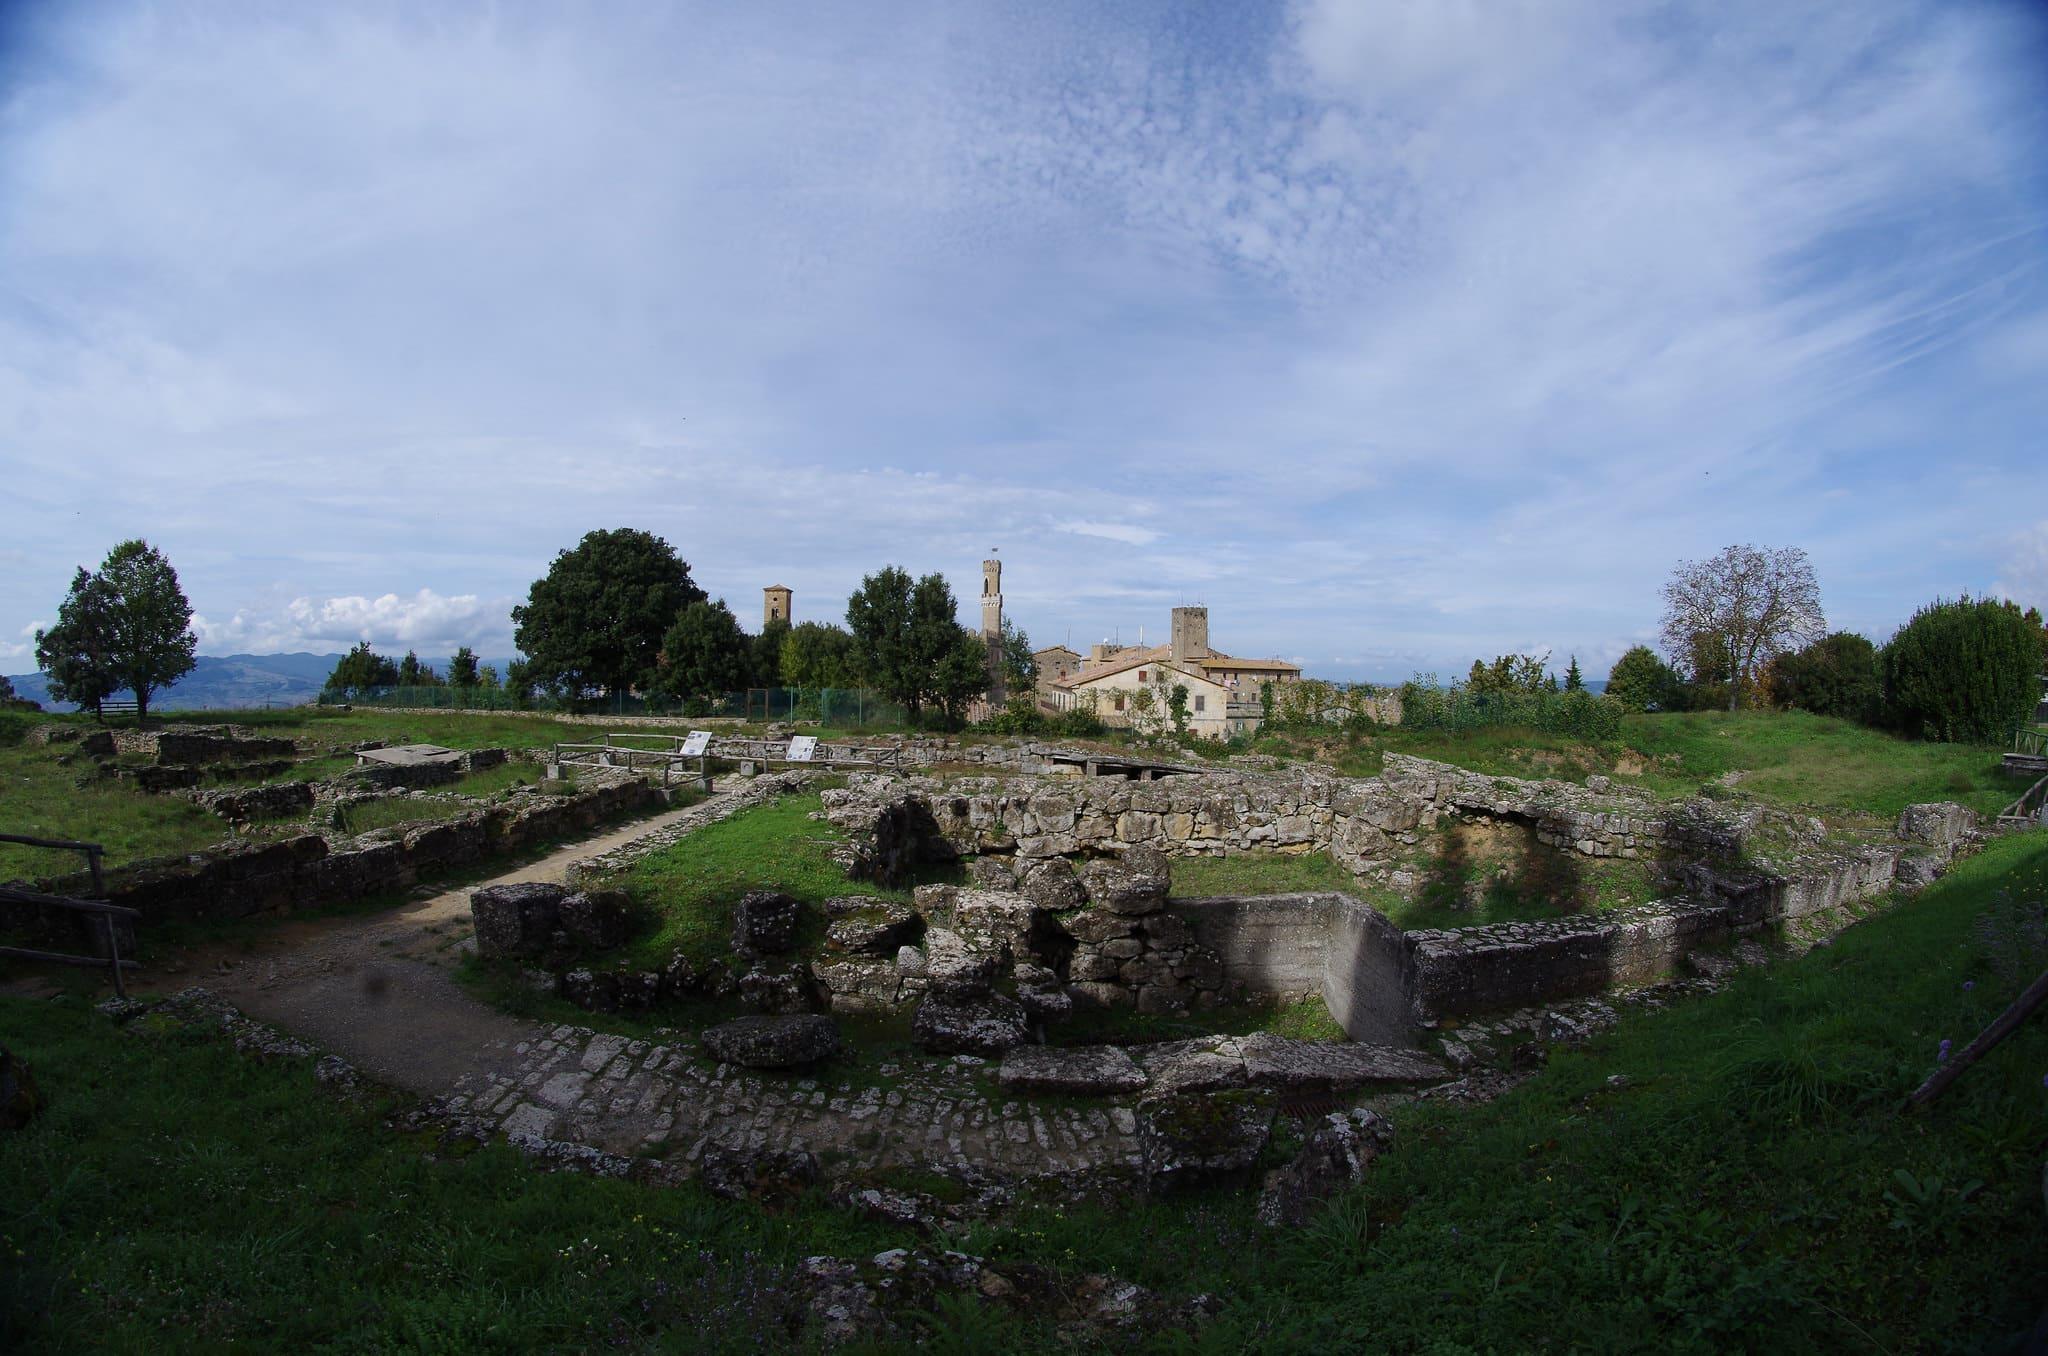 Acropoli Etrusca di Volterra